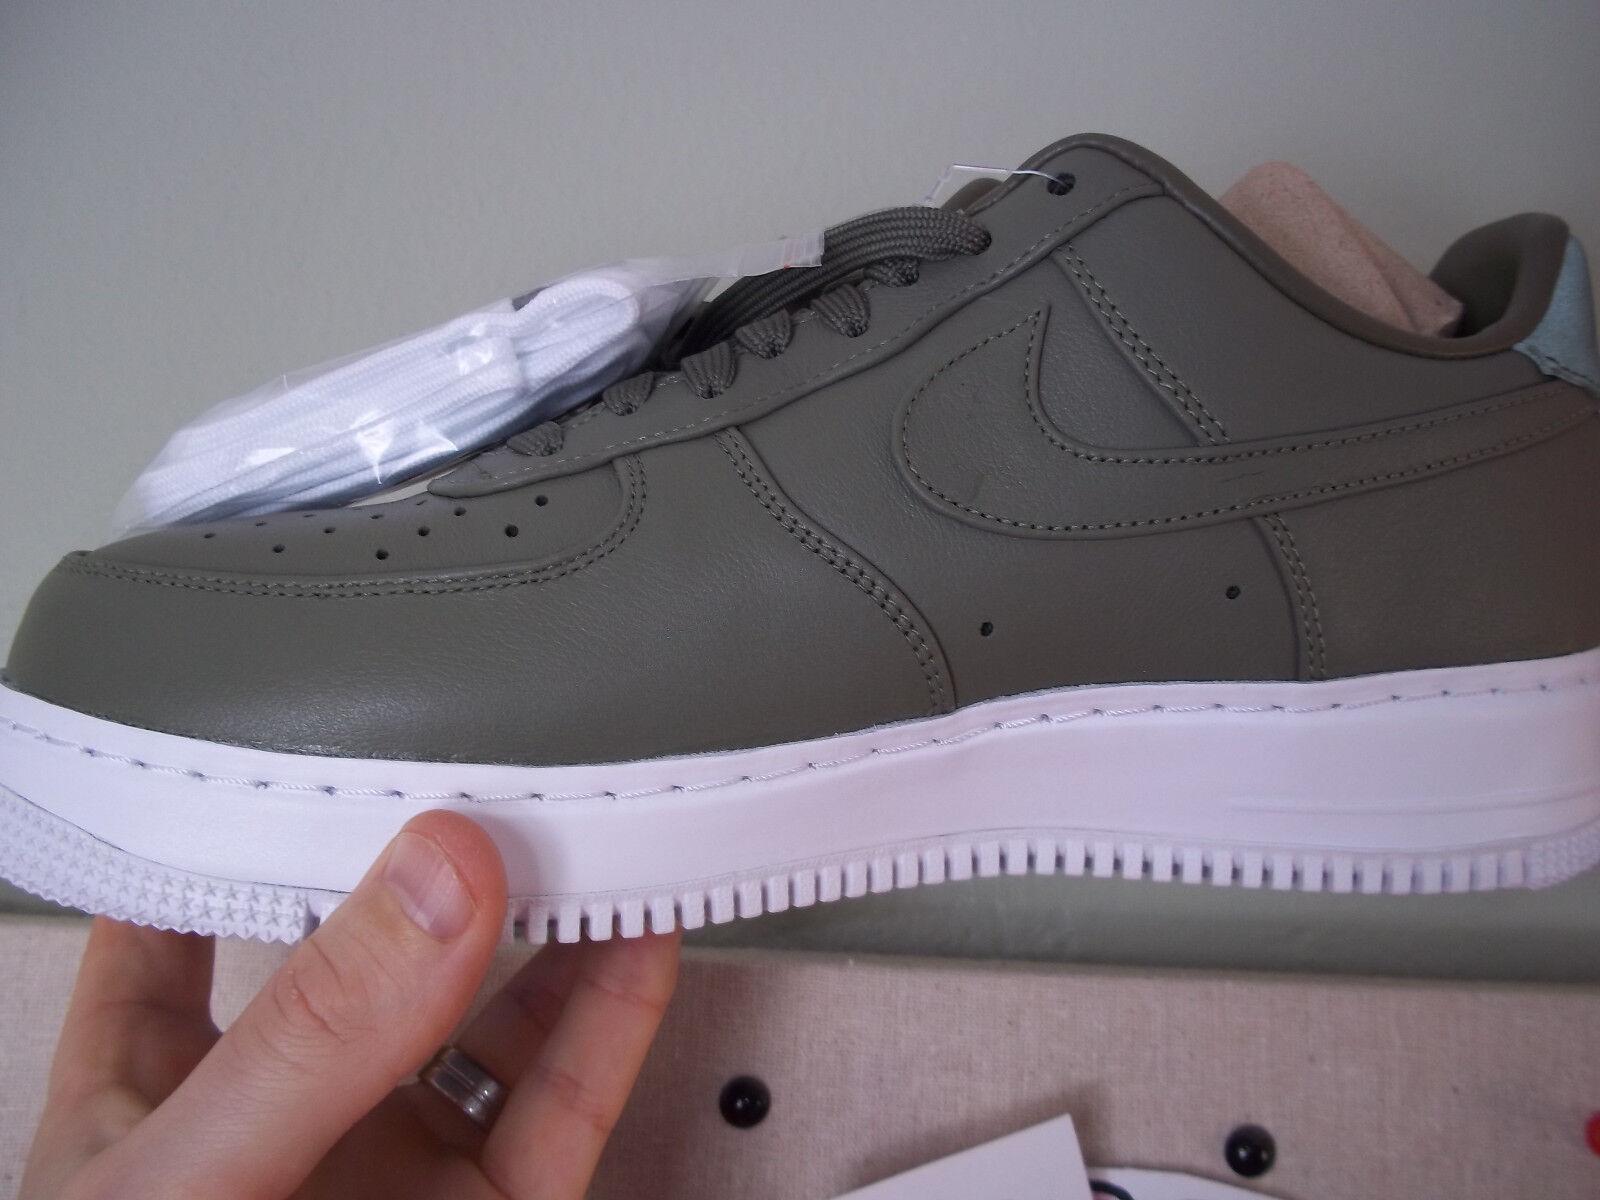 Men's Nike NikeLab Air Force 1 Low size 8.5 (555106 (555106 (555106 300) 1b8ffd